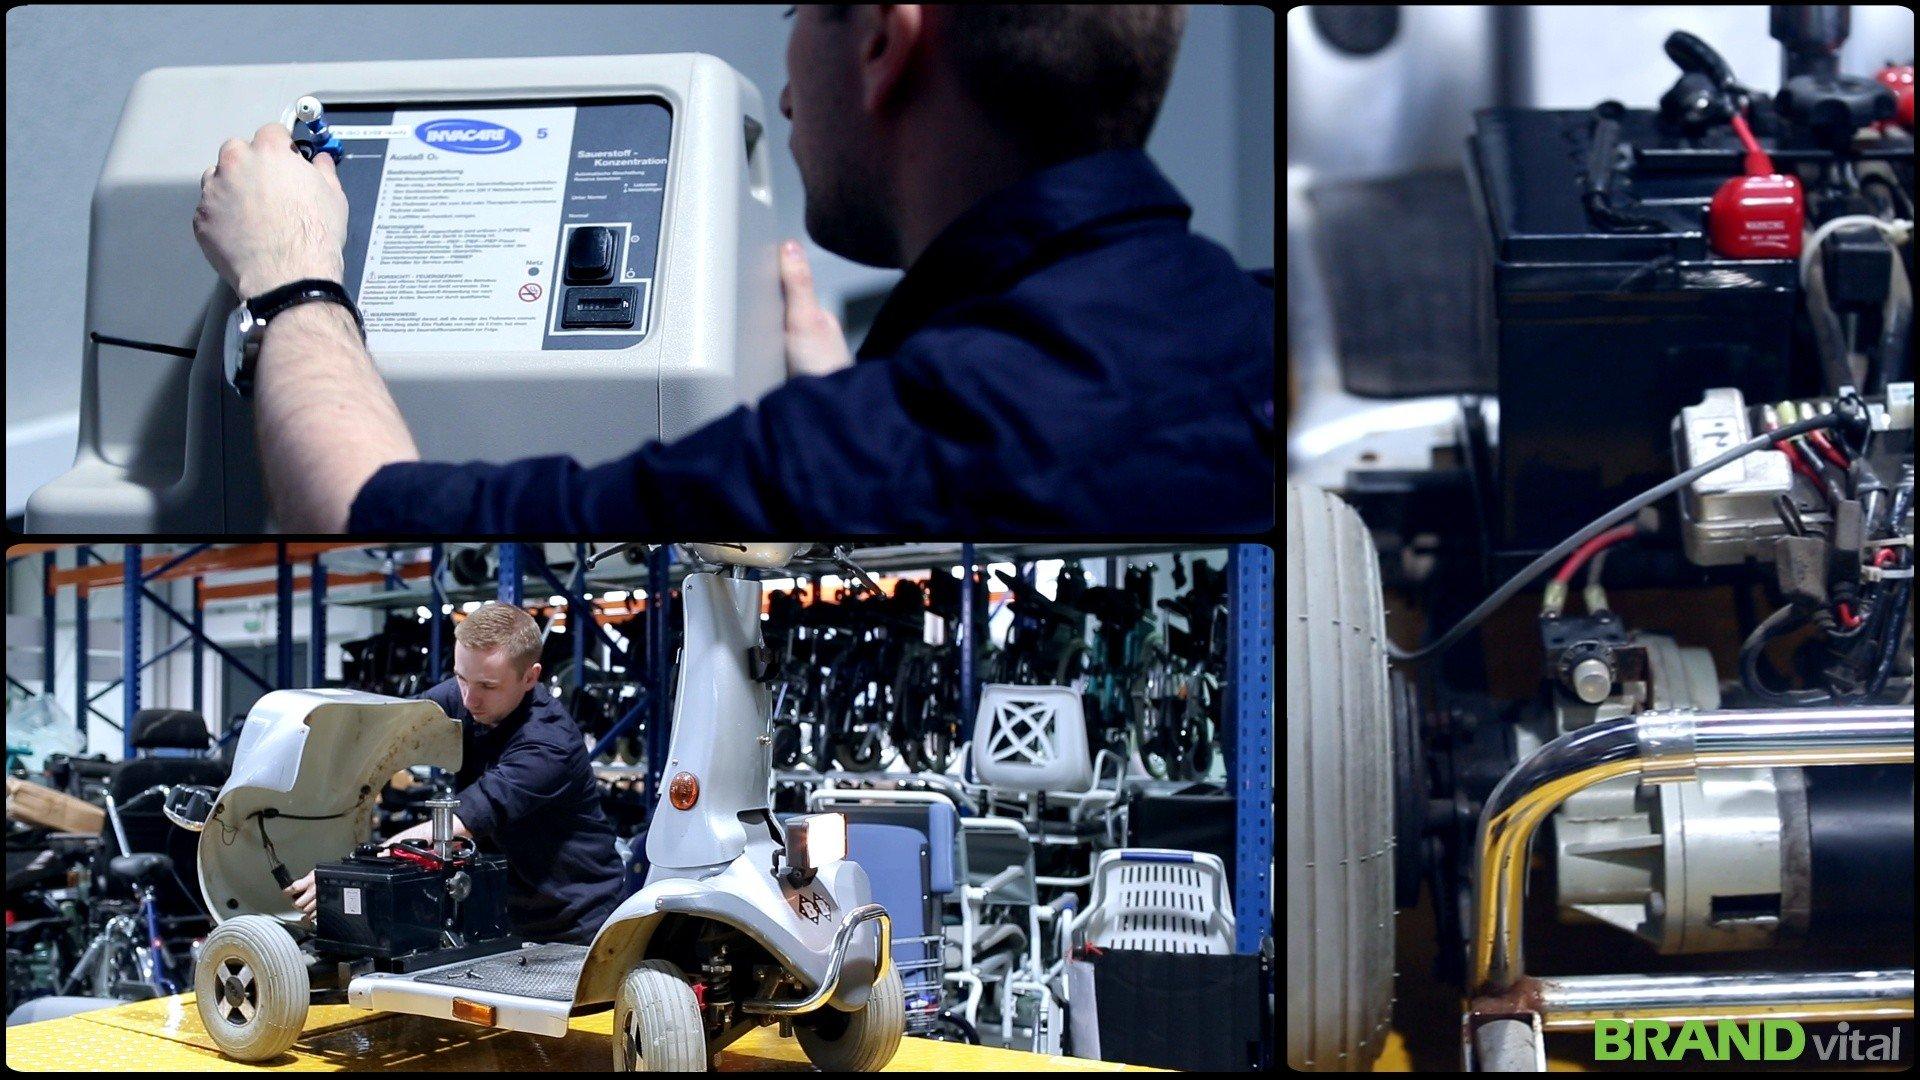 Gwarancją bezpieczeństwa jest sprawny sprzęt - serwis sprzętu medycznego w BRANDvital